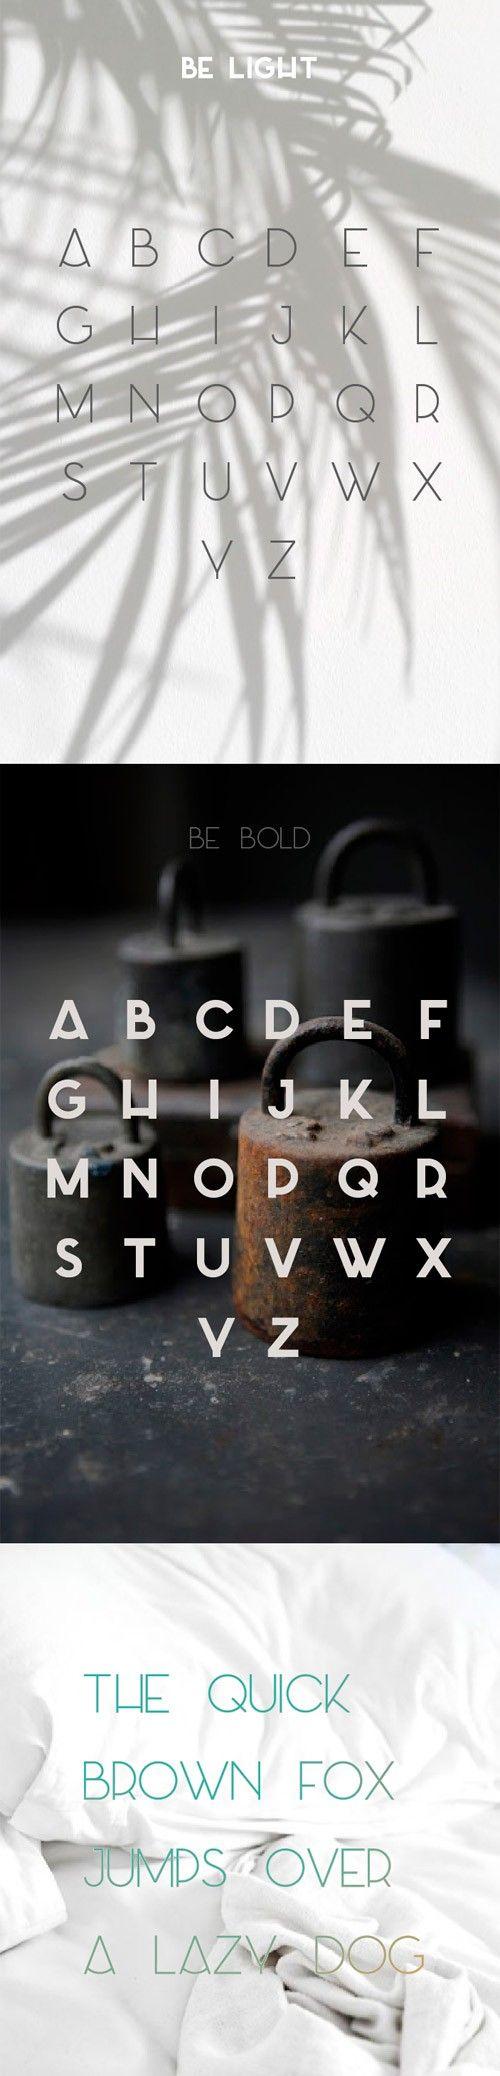 商用利用可でデザインに使える!プロユースな無料の欧文・英語フォント15